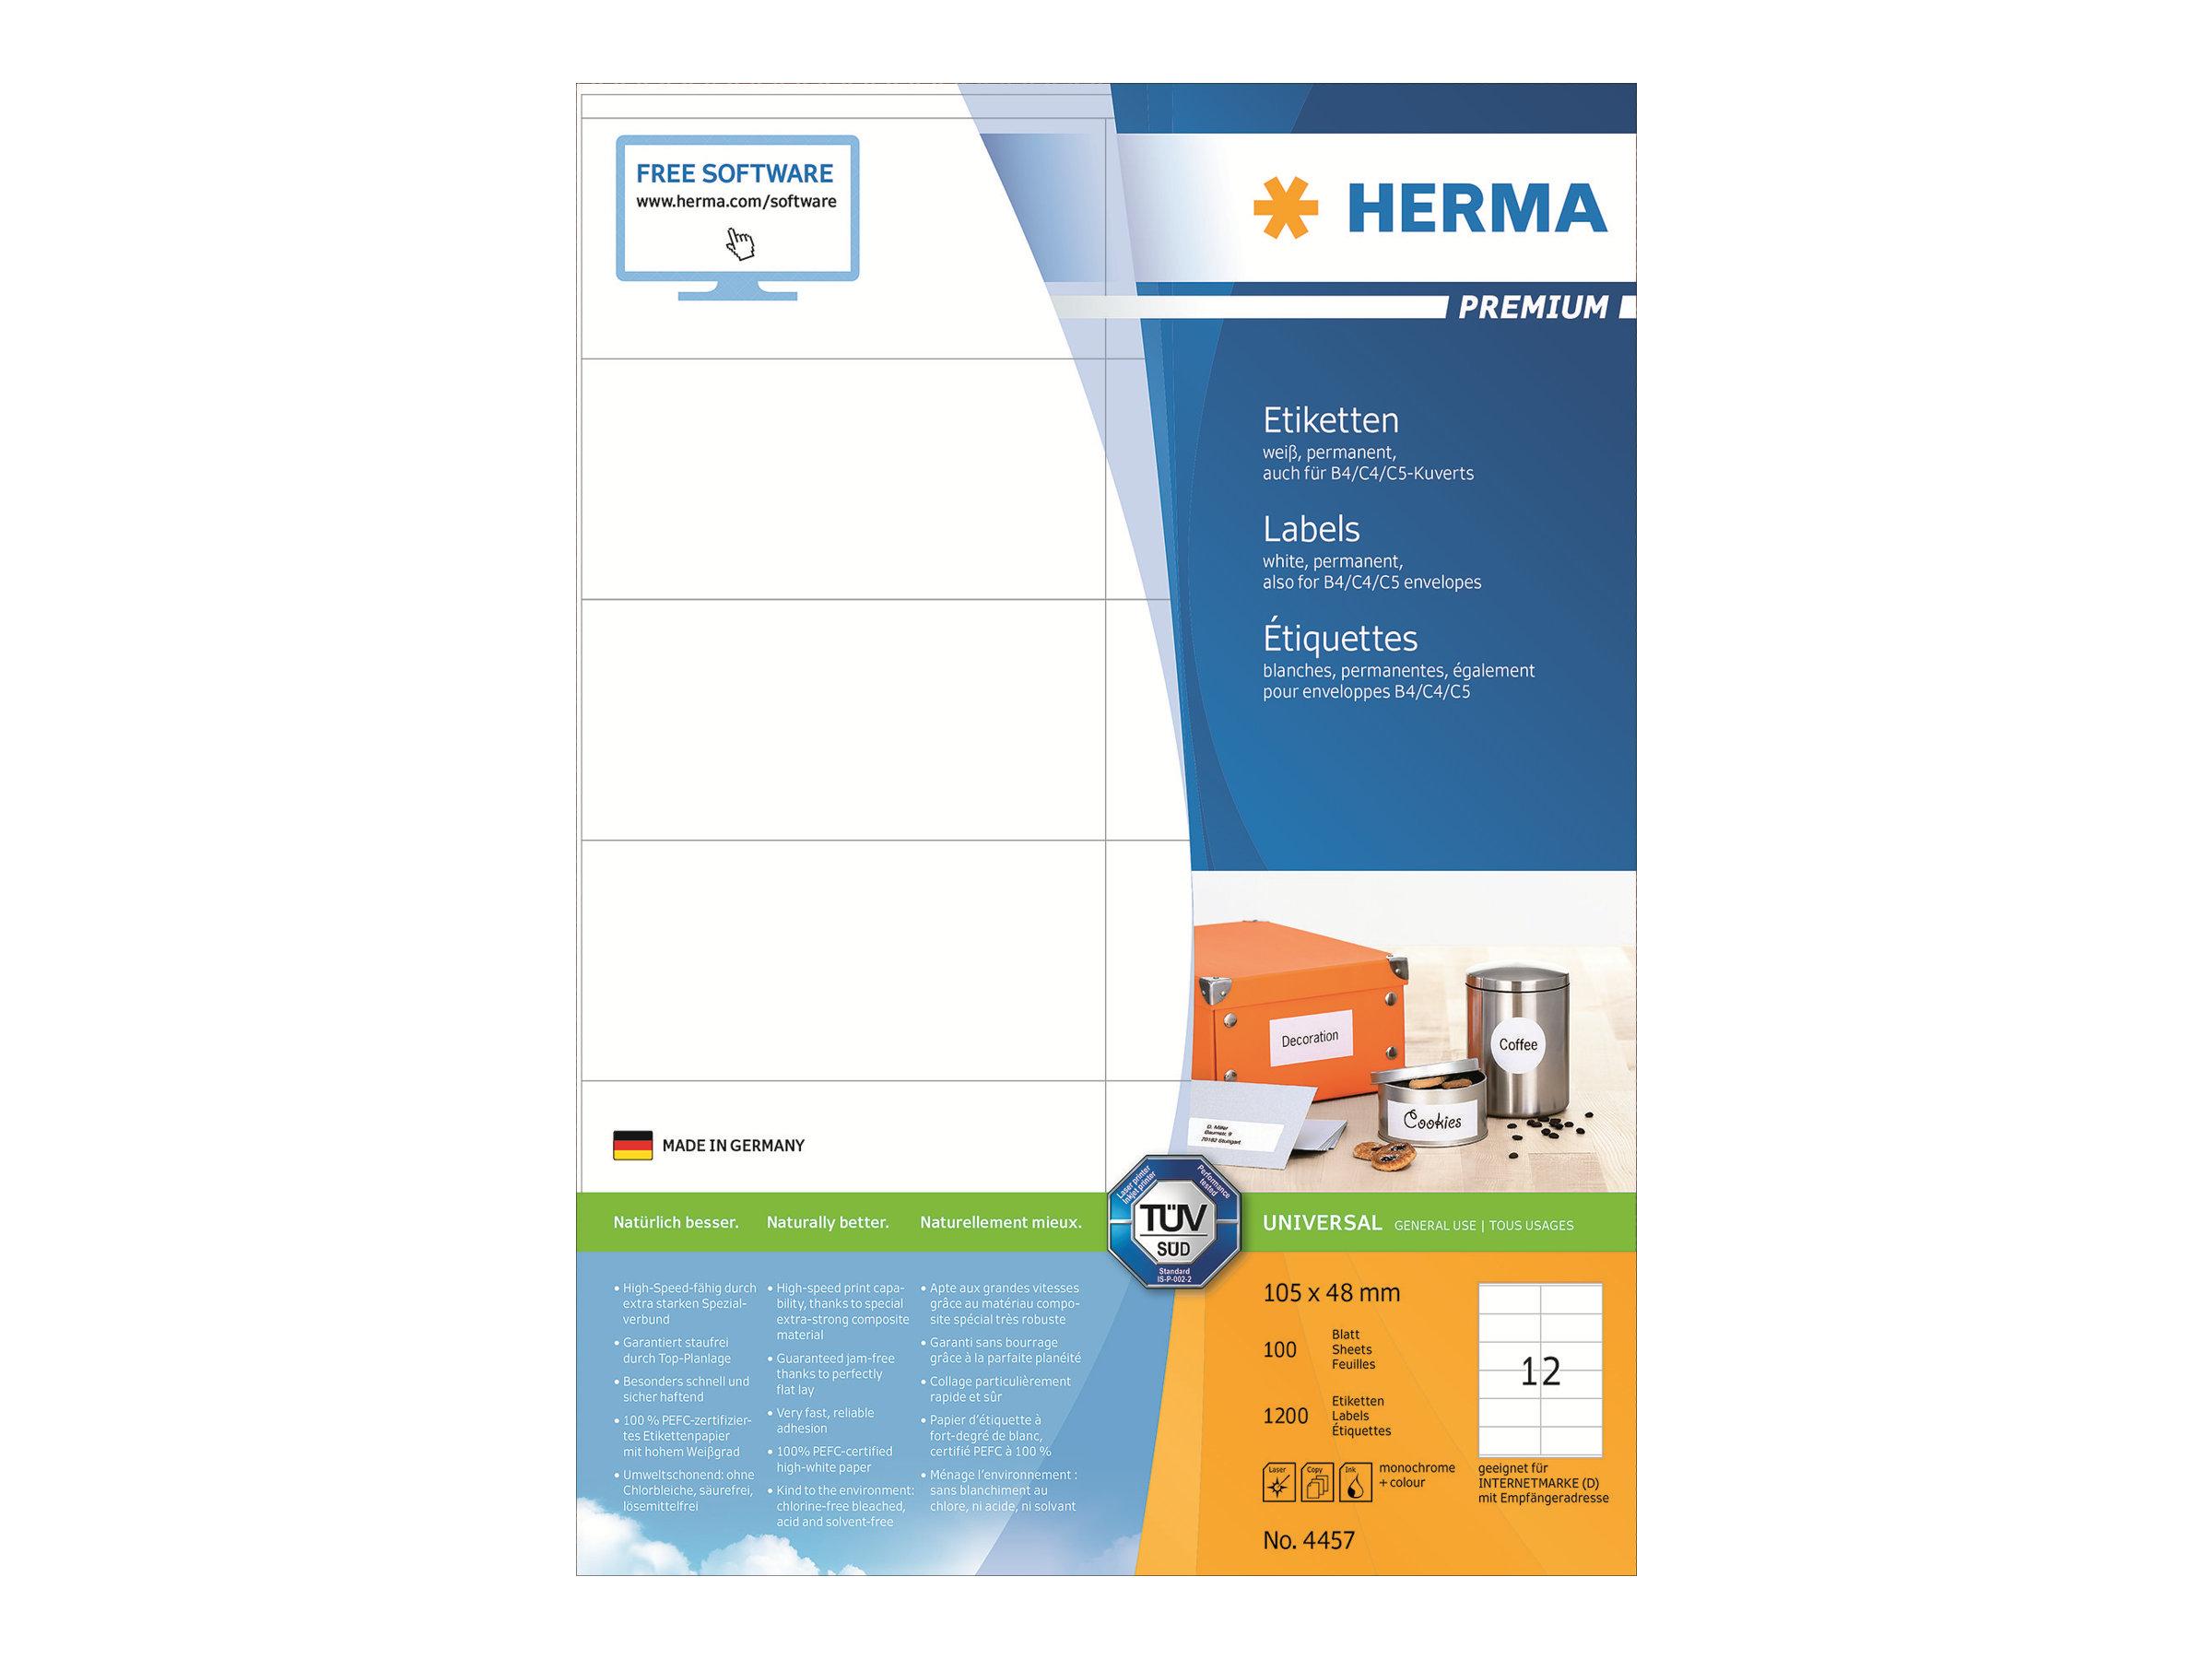 HERMA Premium - Papier - matt - permanent selbstklebend - weiß - 105 x 48 mm 1200 Etikett(en) (100 Bogen x 12)